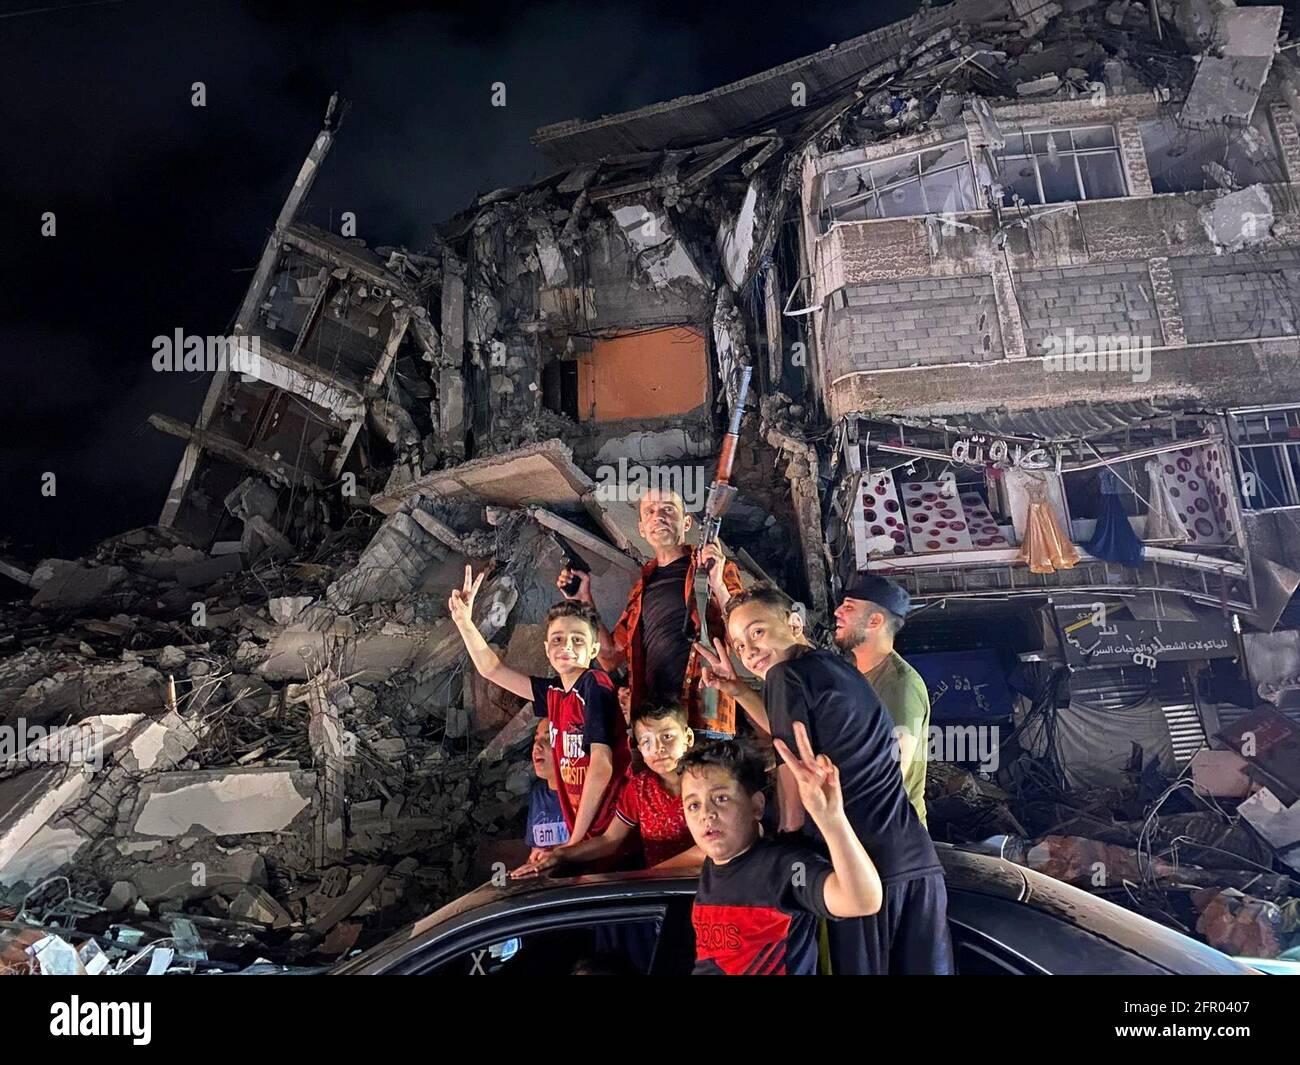 Die Menschen stehen in der Nähe der Trümmer eines beschädigten Gebäudes, während die Palästinenser nach einem Waffenstillstand in Gaza-Stadt am 21. Mai 2021 auf den Straßen feiern. REUTERS/Mohammed Salem Stockfoto